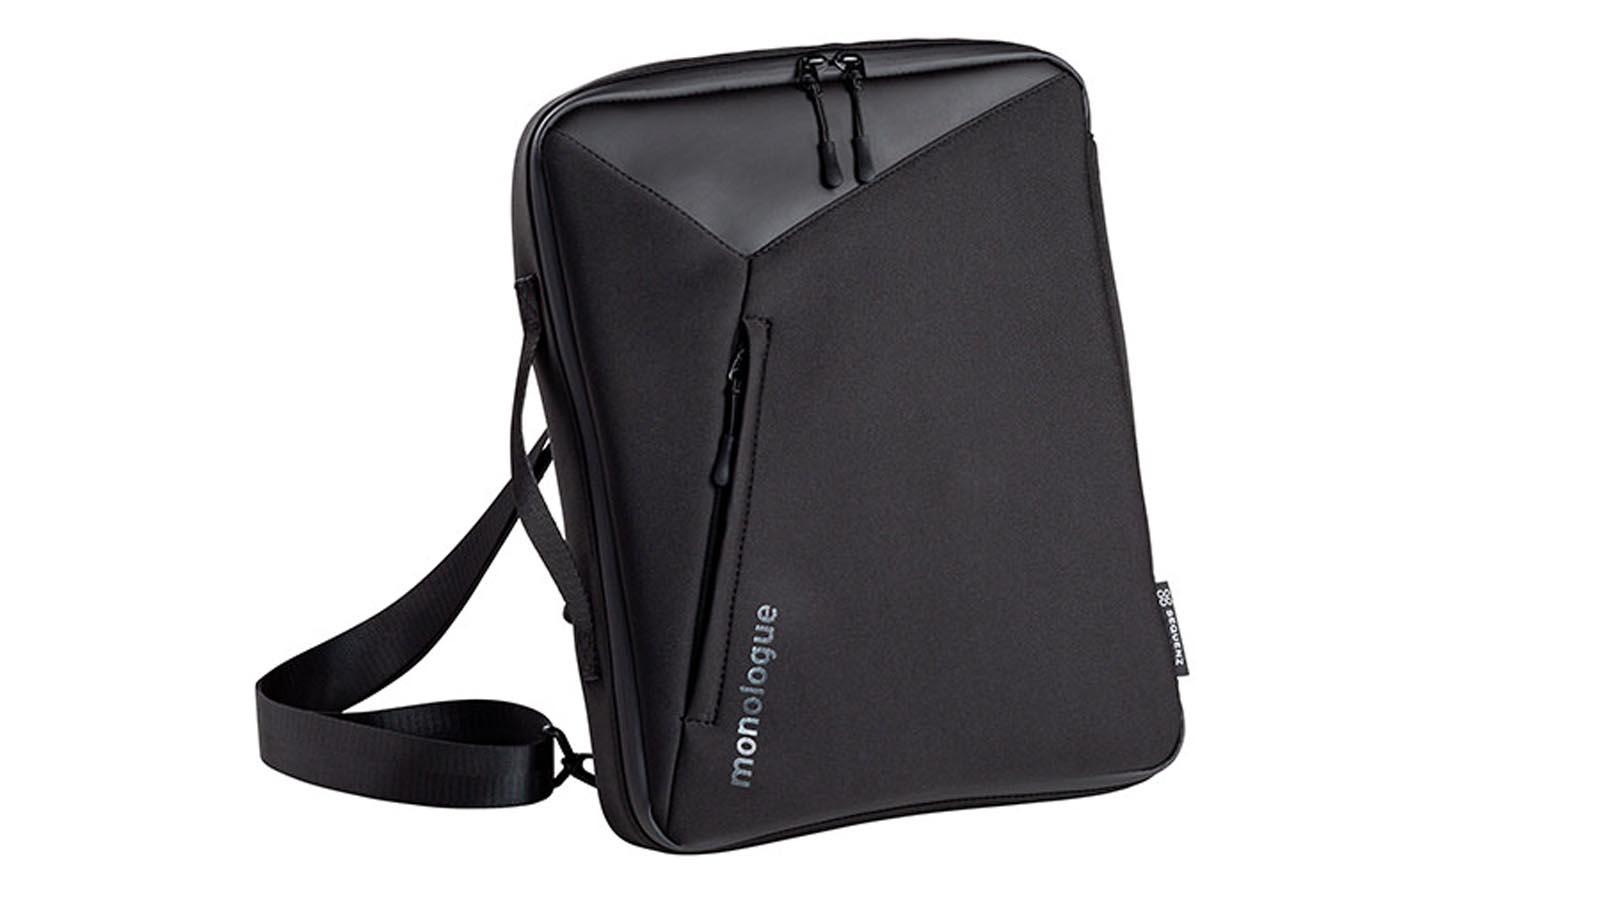 Sequenz Tasche für monologue oder Laptop black